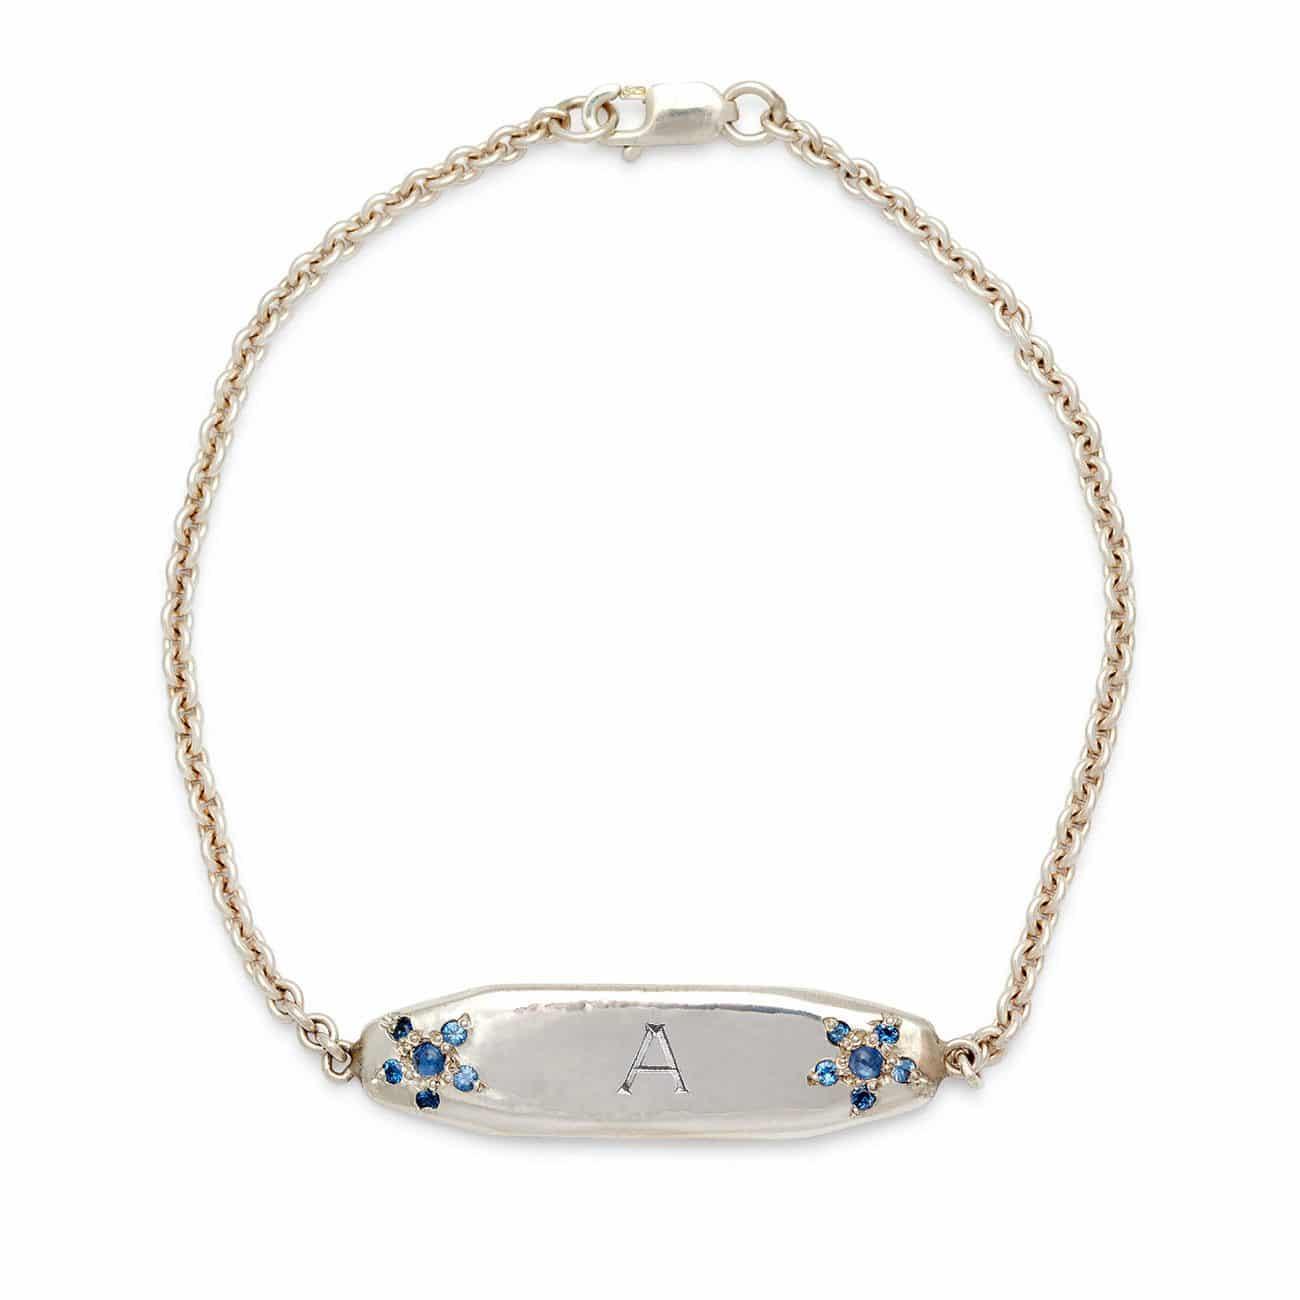 sterling silver ID bracelet 1 bold letter engraved